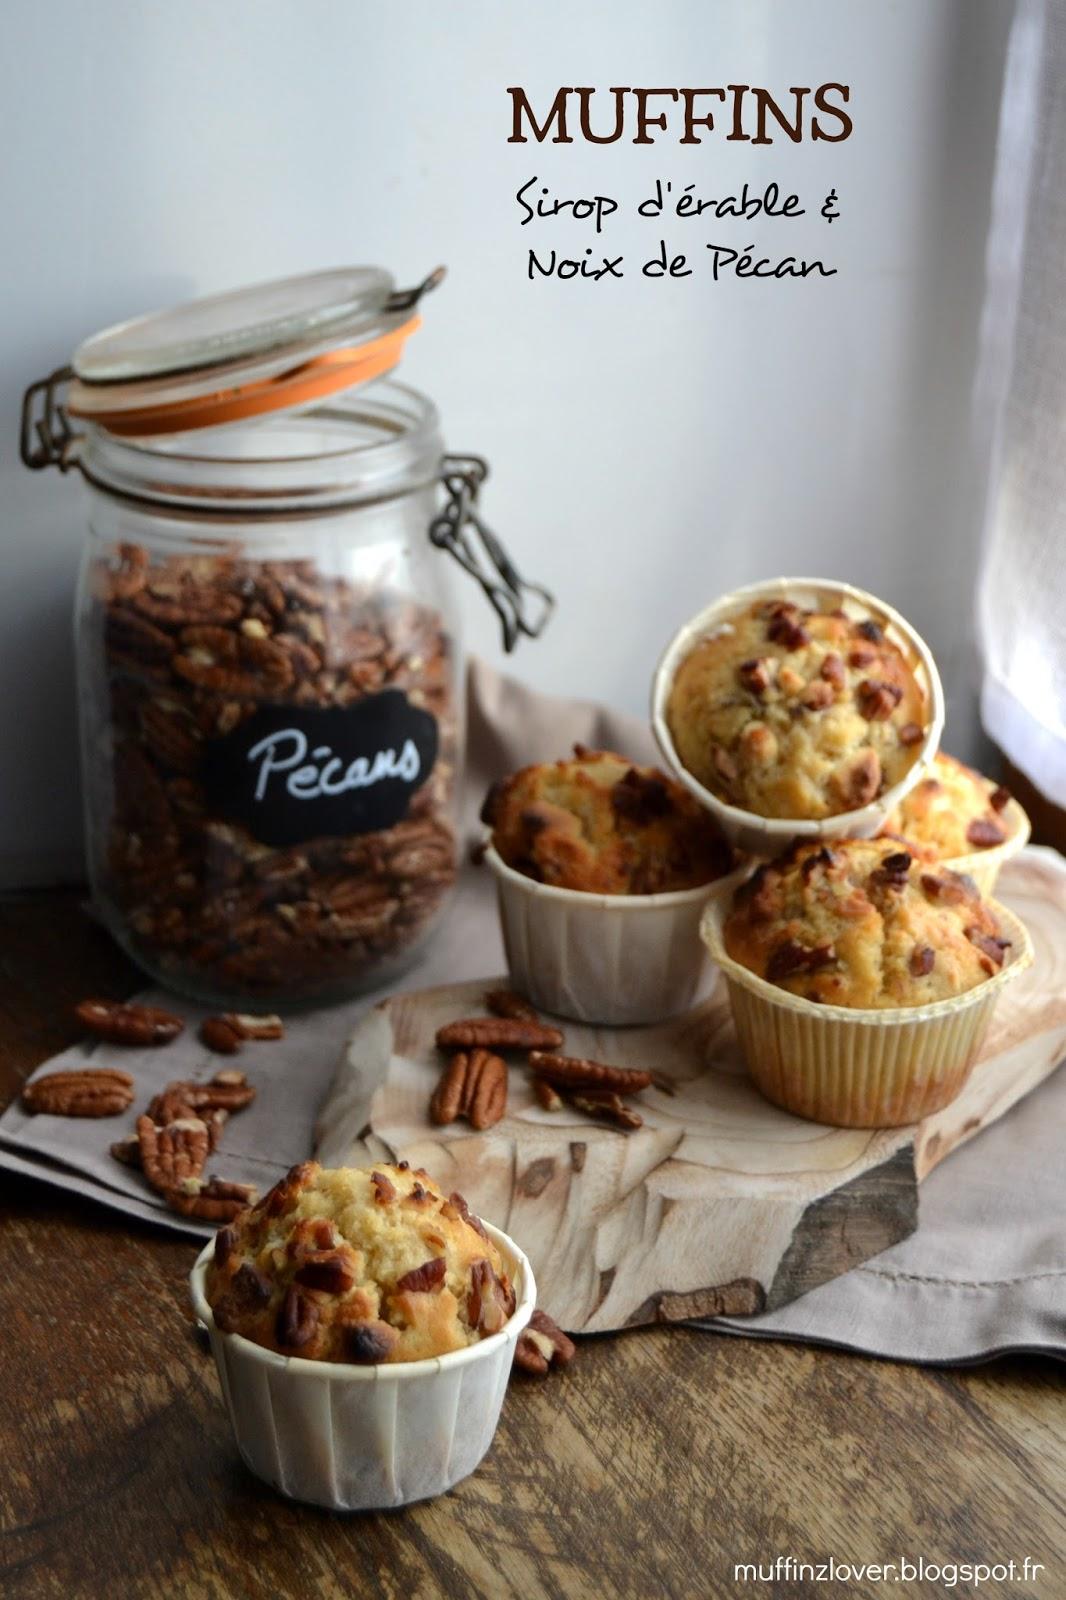 Recette Muffins noix de pécan et sirop d'érable - muffinzlover.blogspot.fr